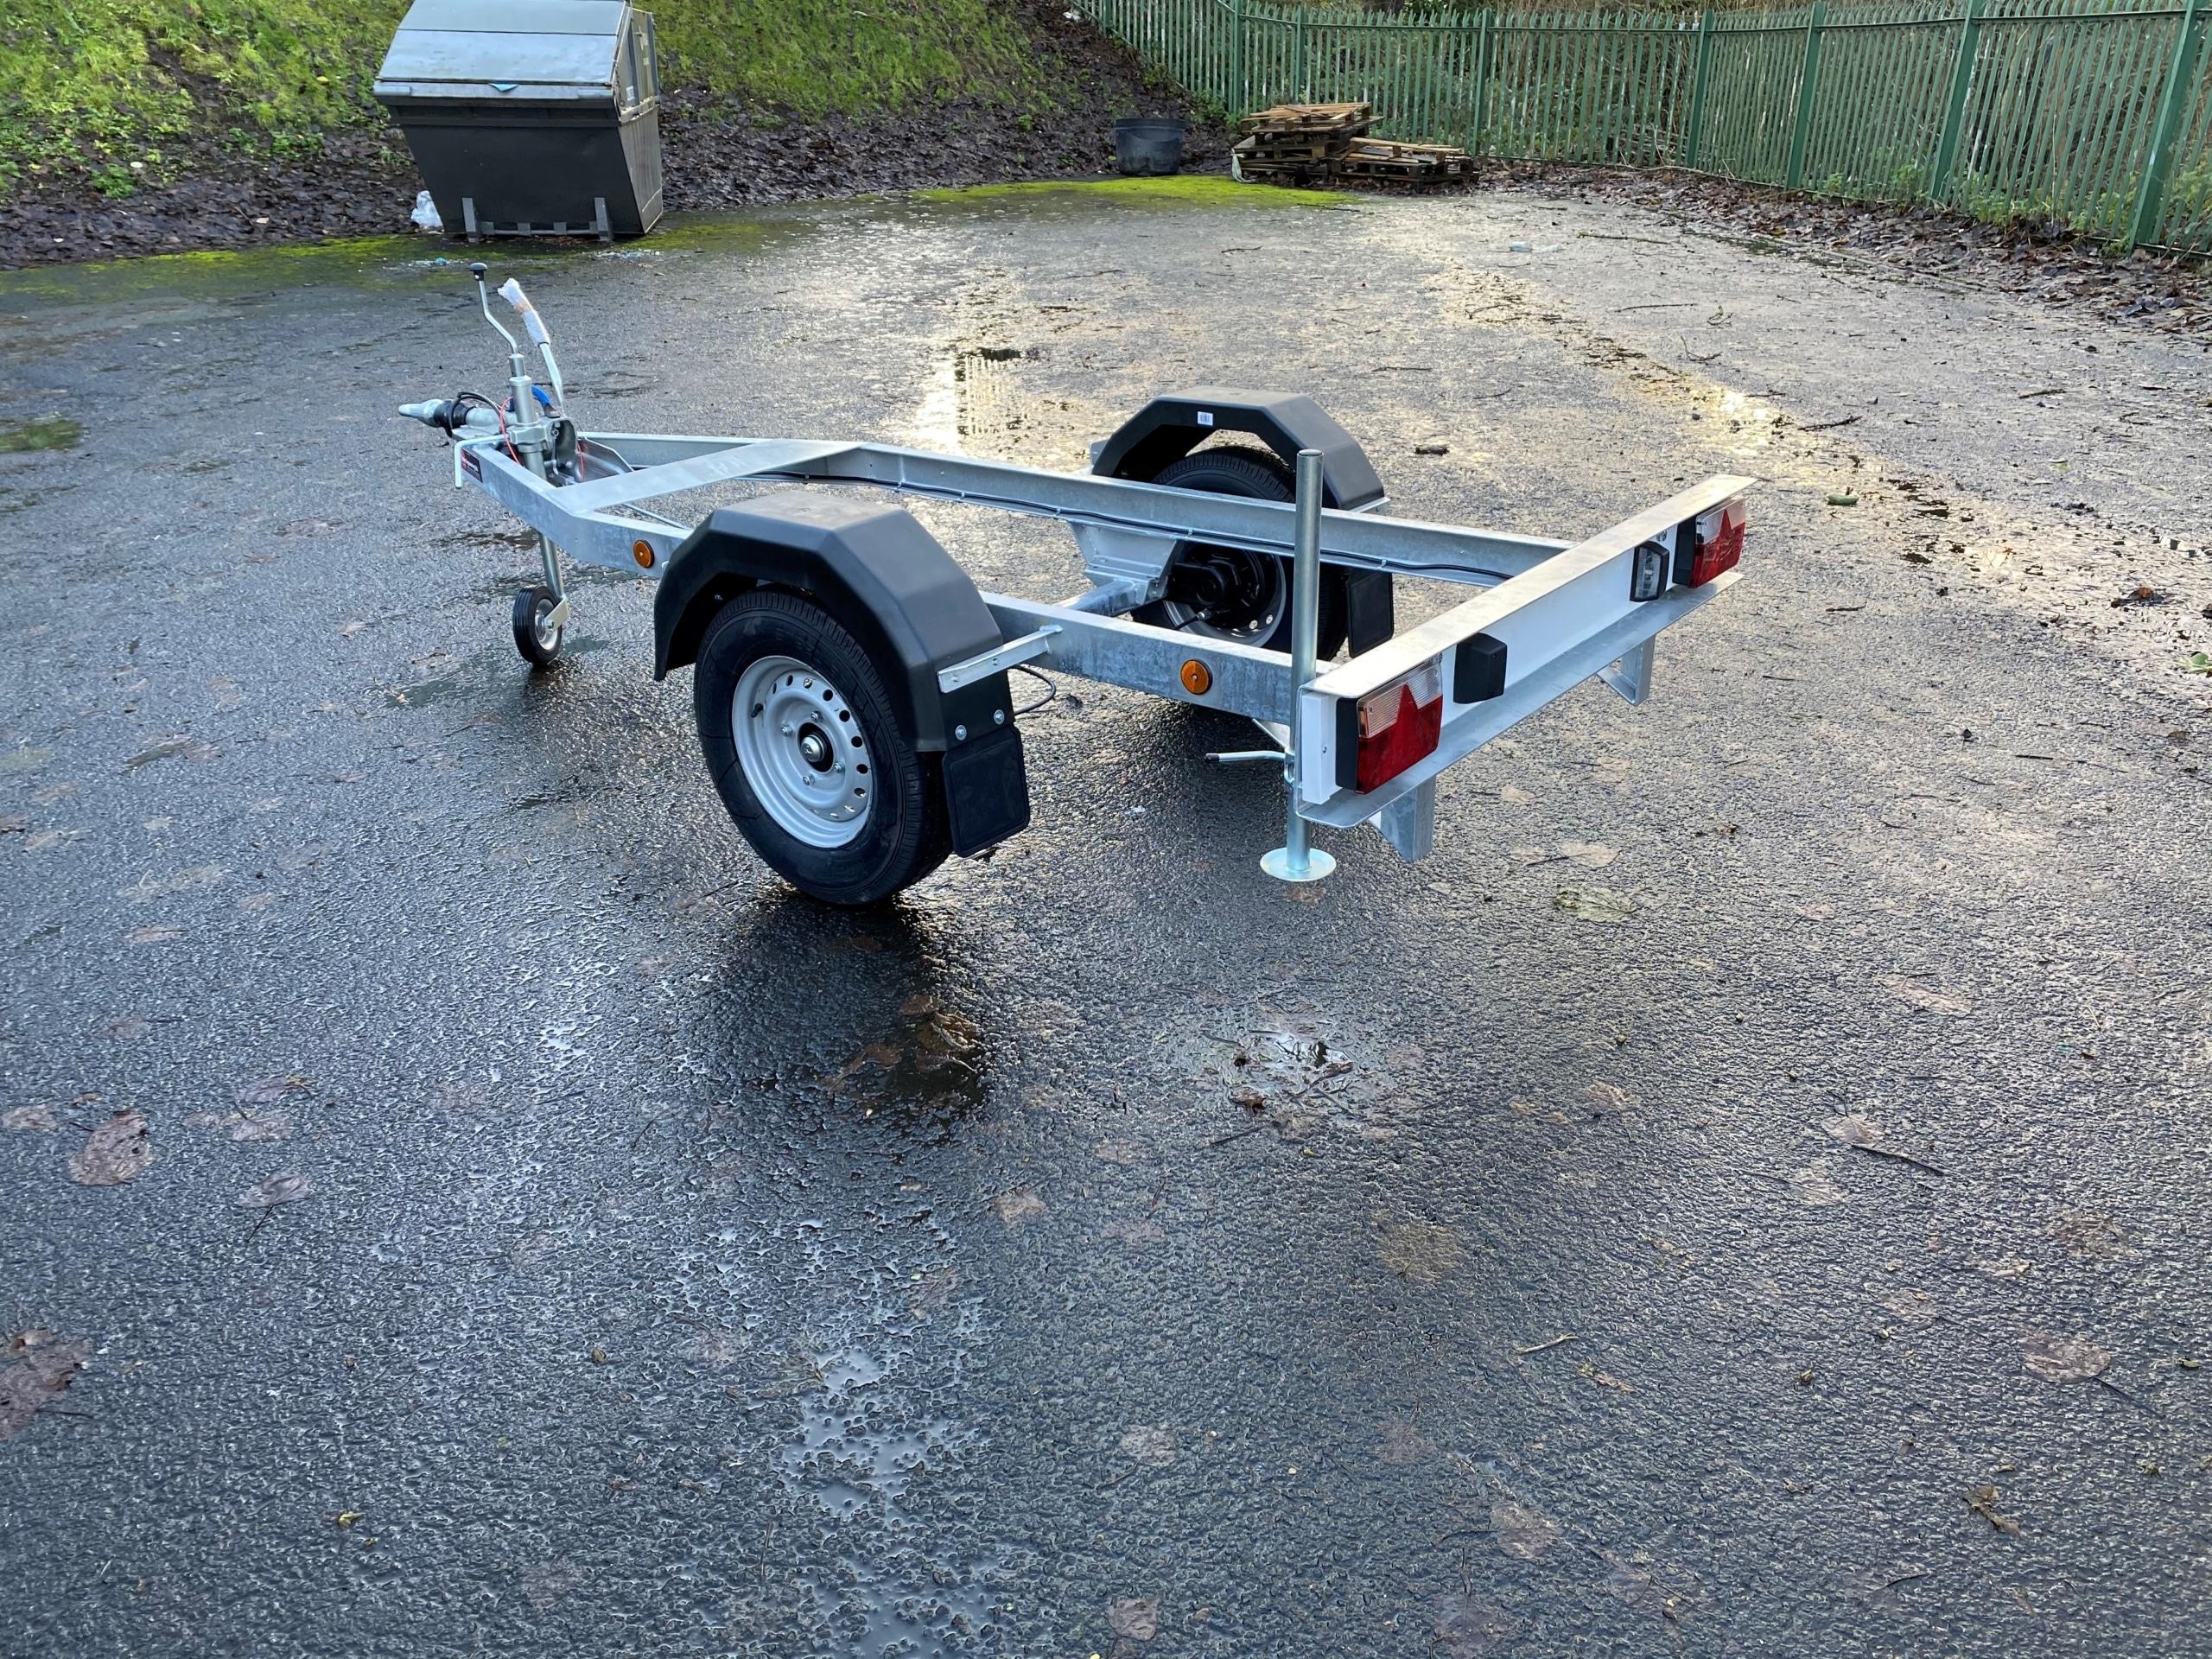 Rear 950 Litre Fuel Bowser Trailer